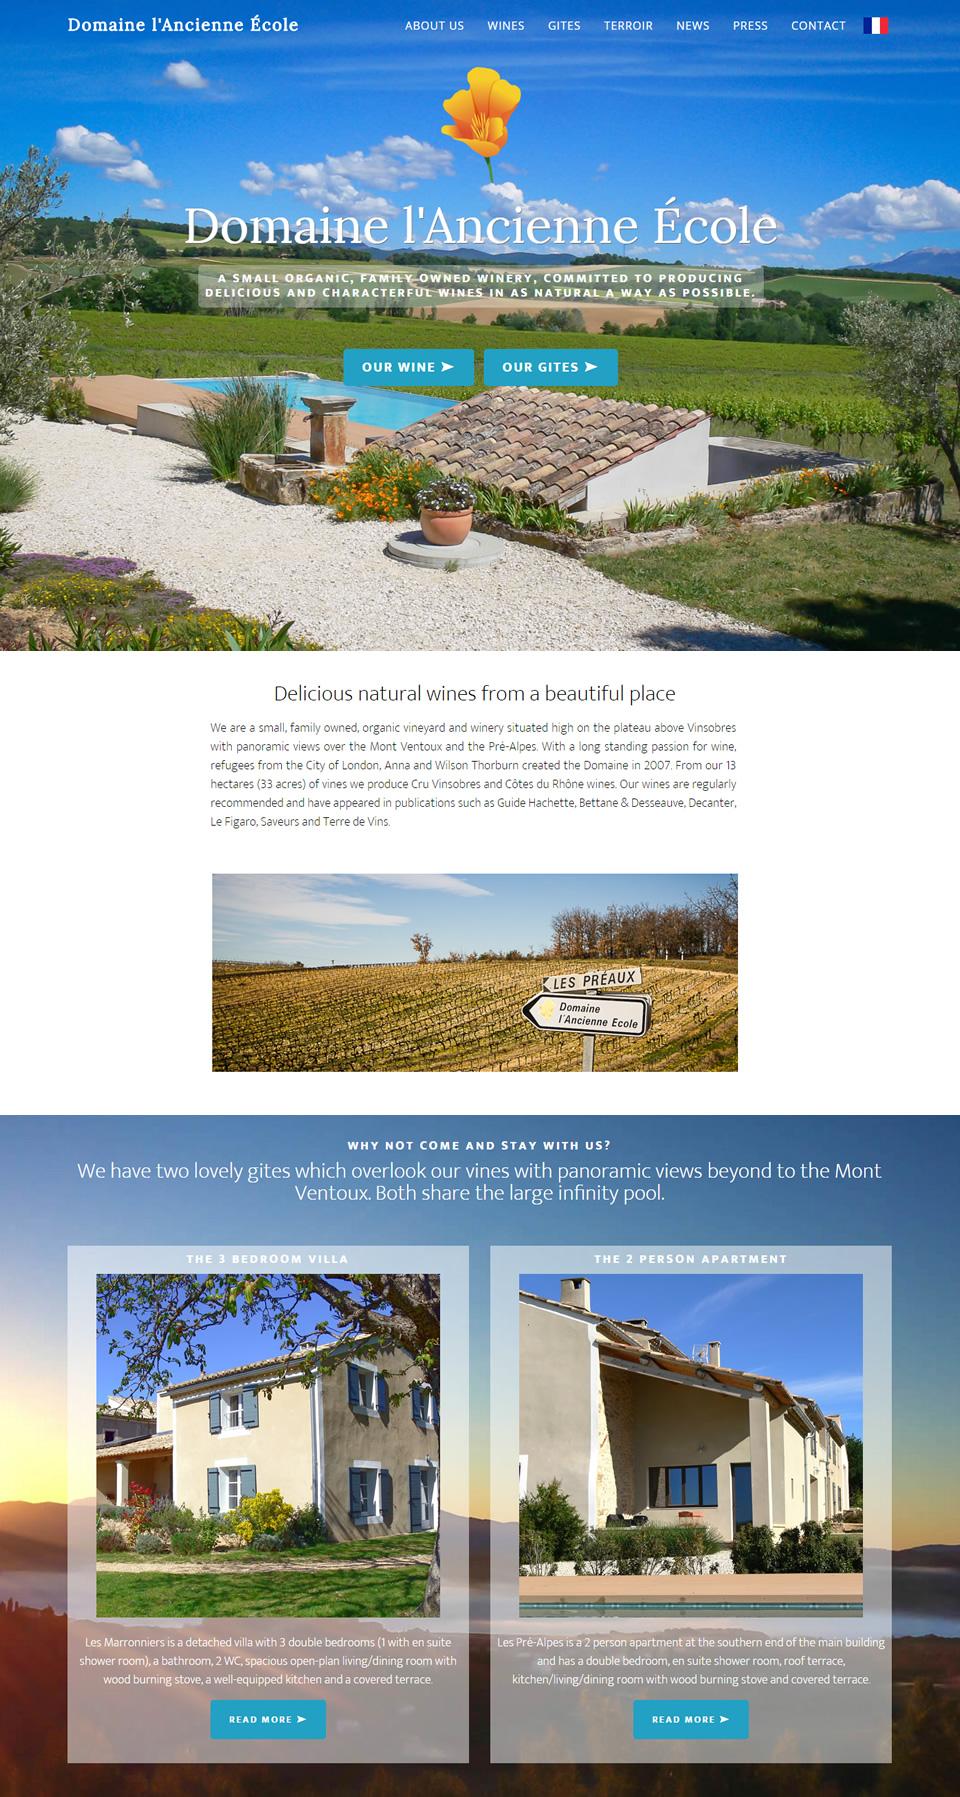 domaine-lancienne-ecole.com/